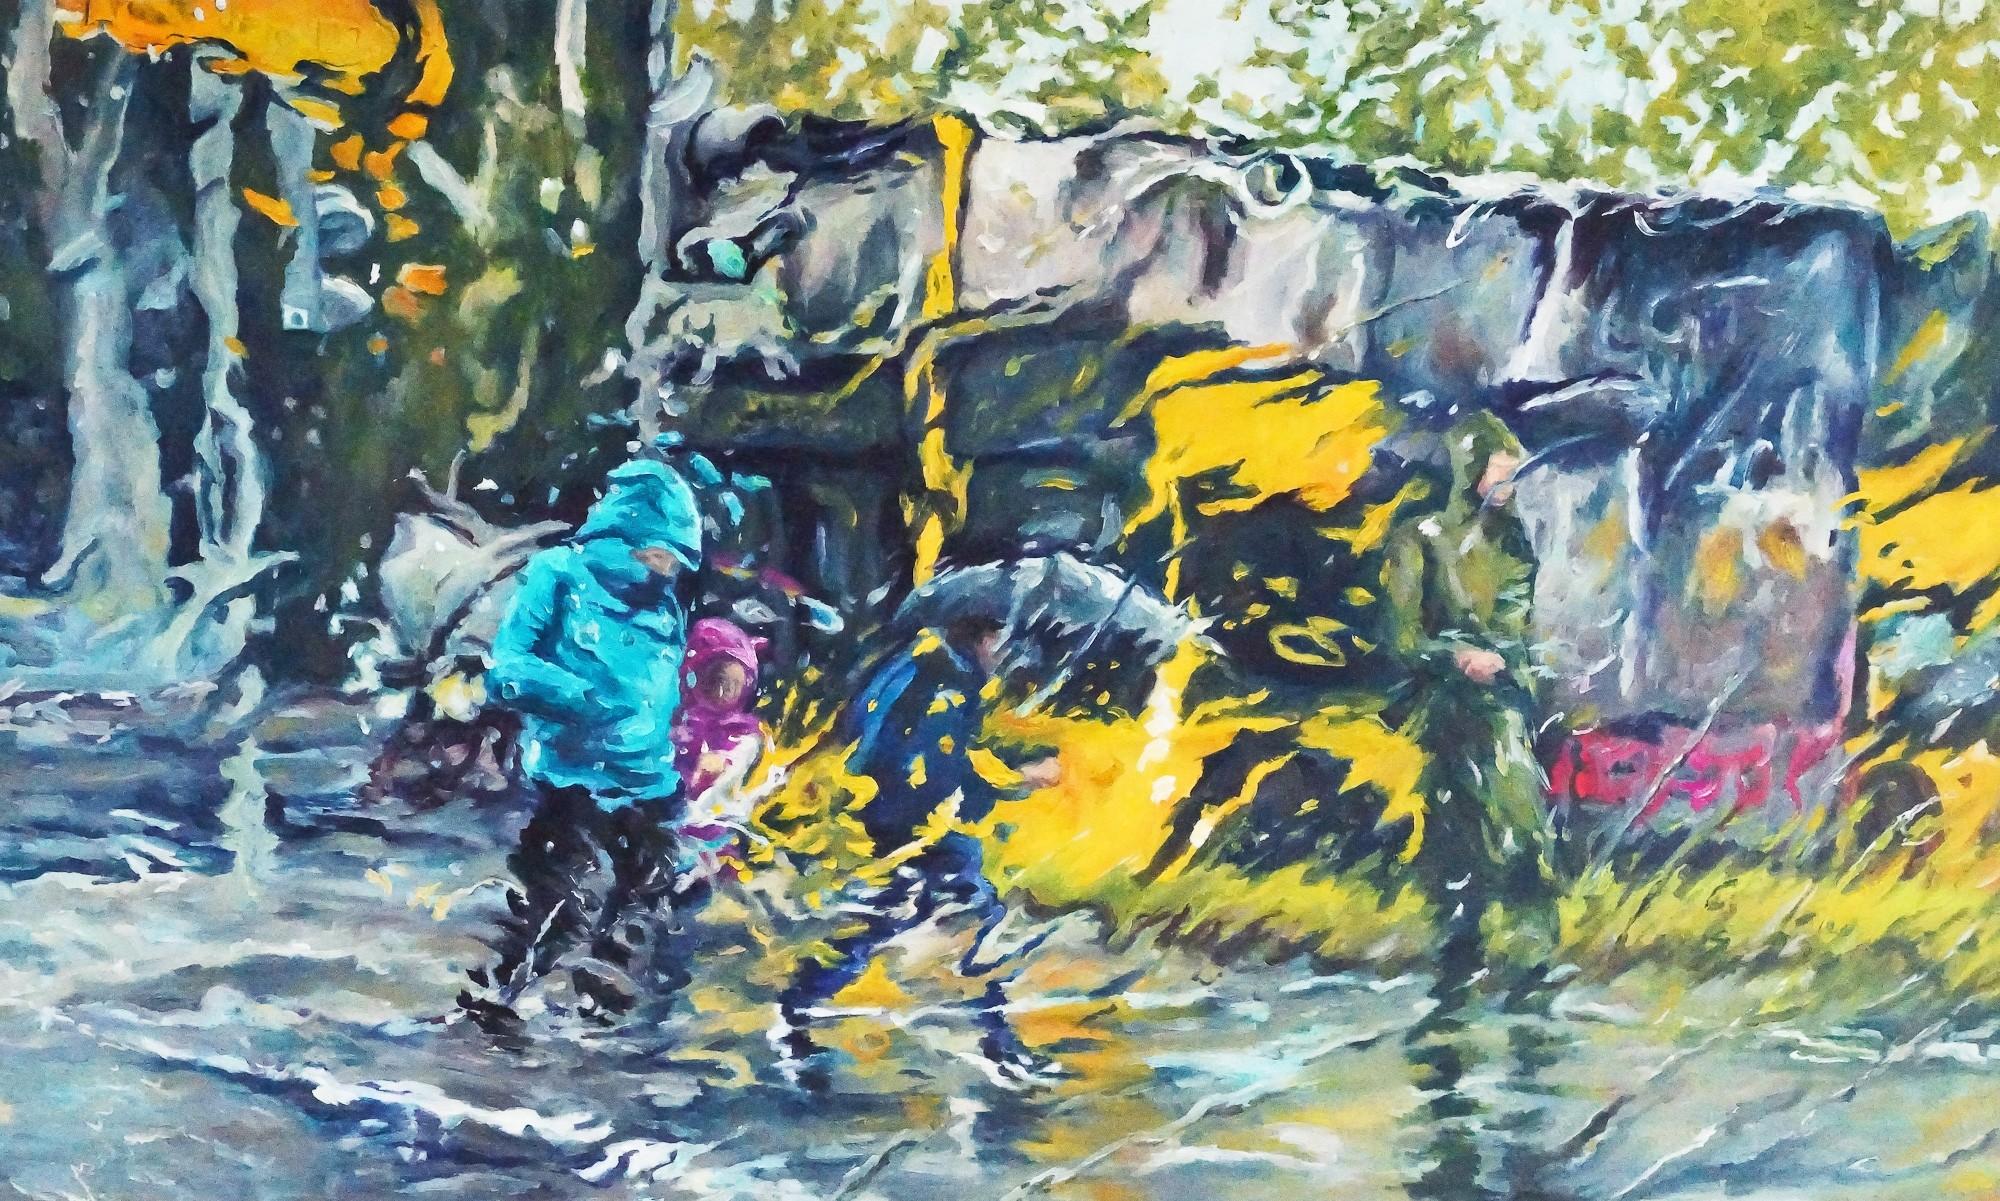 Pouring Rain | Malerei von Künstlerin Simone Westphal, Öl auf Leinw